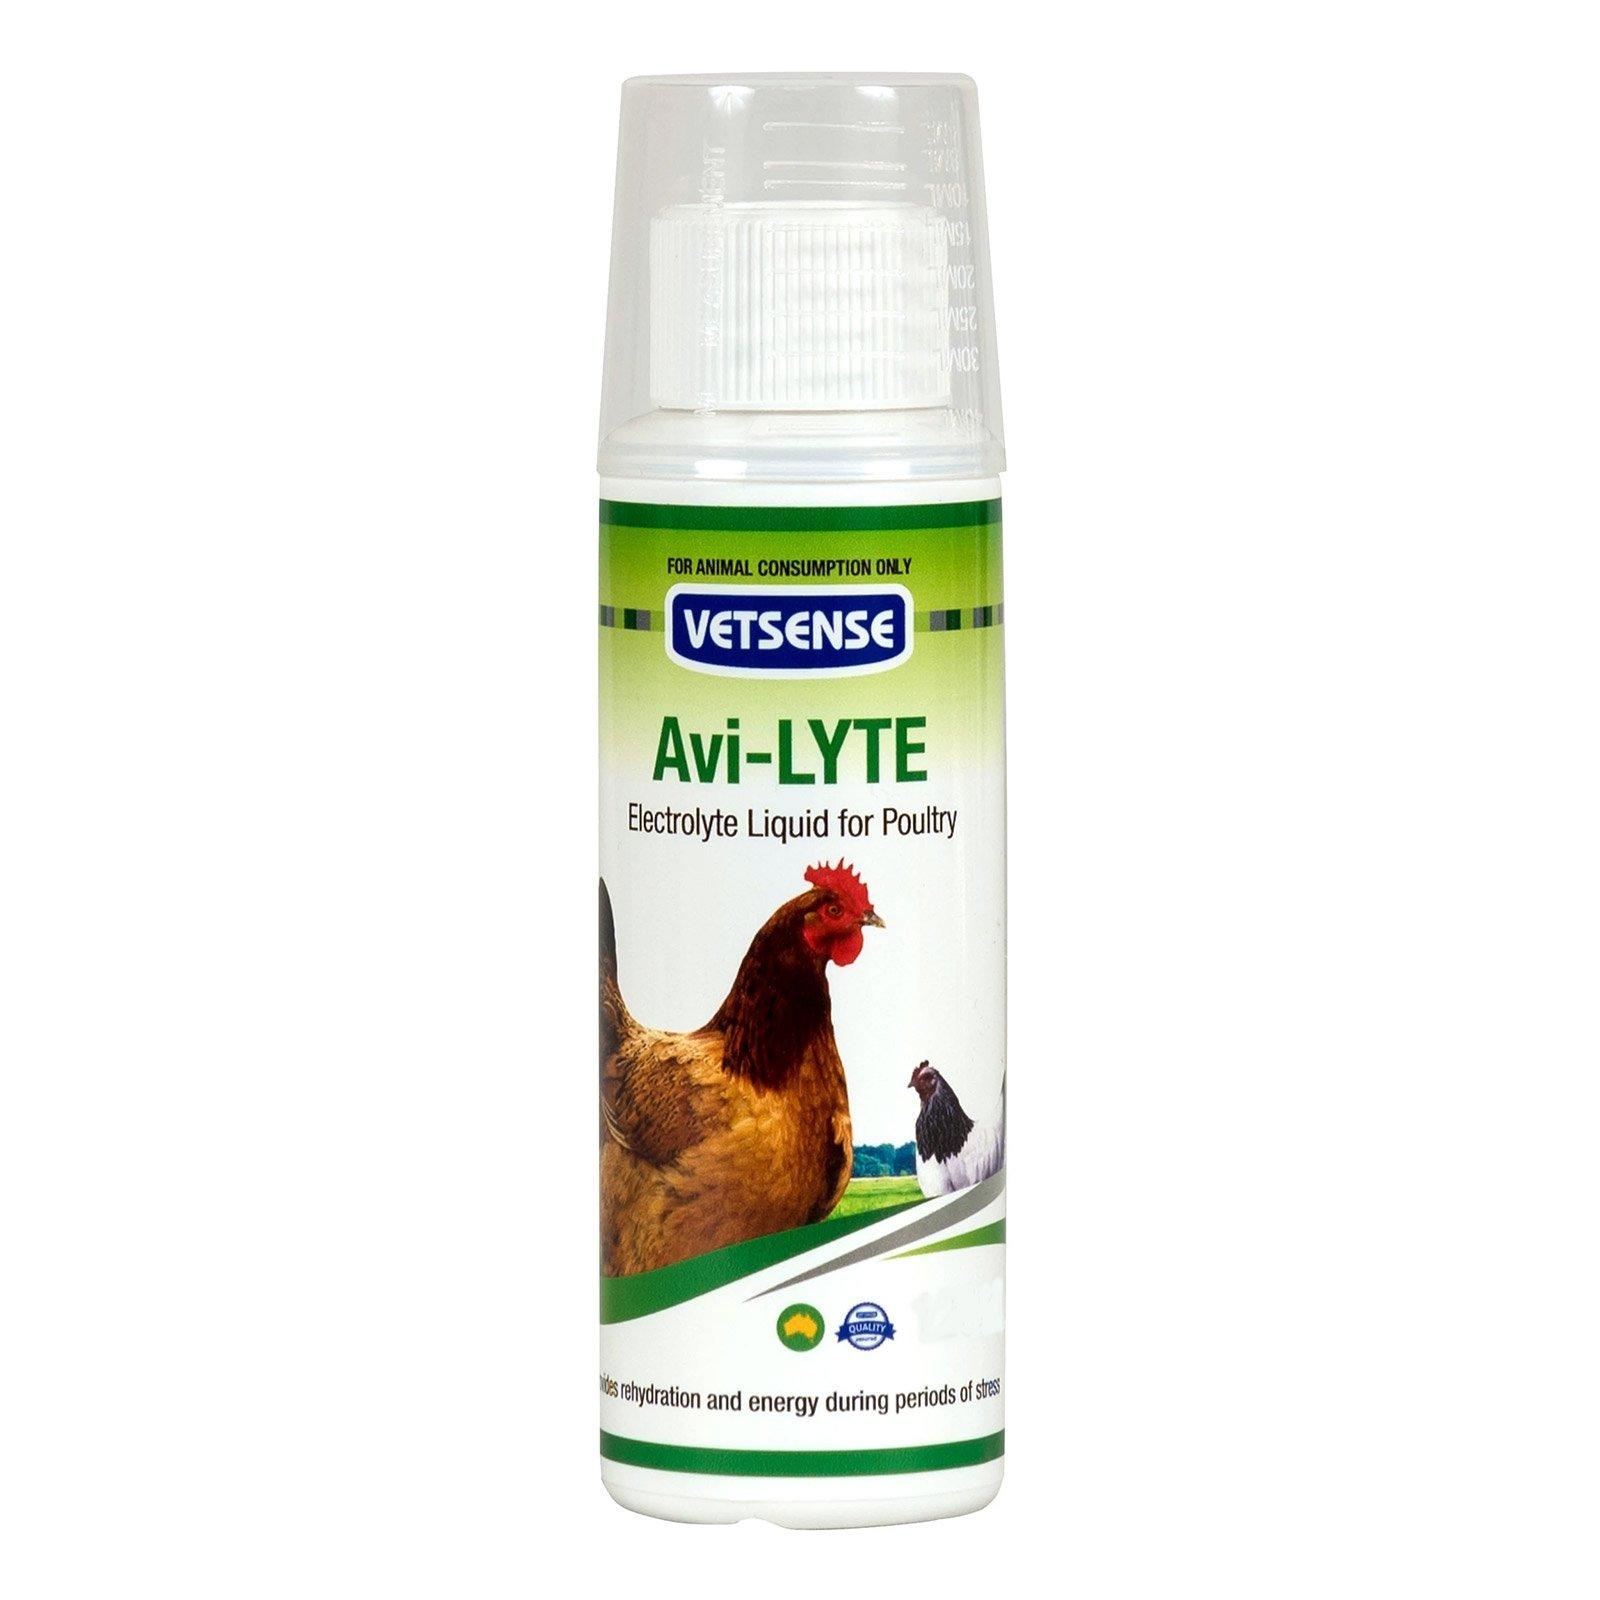 VetSense Avi-Lyte for Poultry